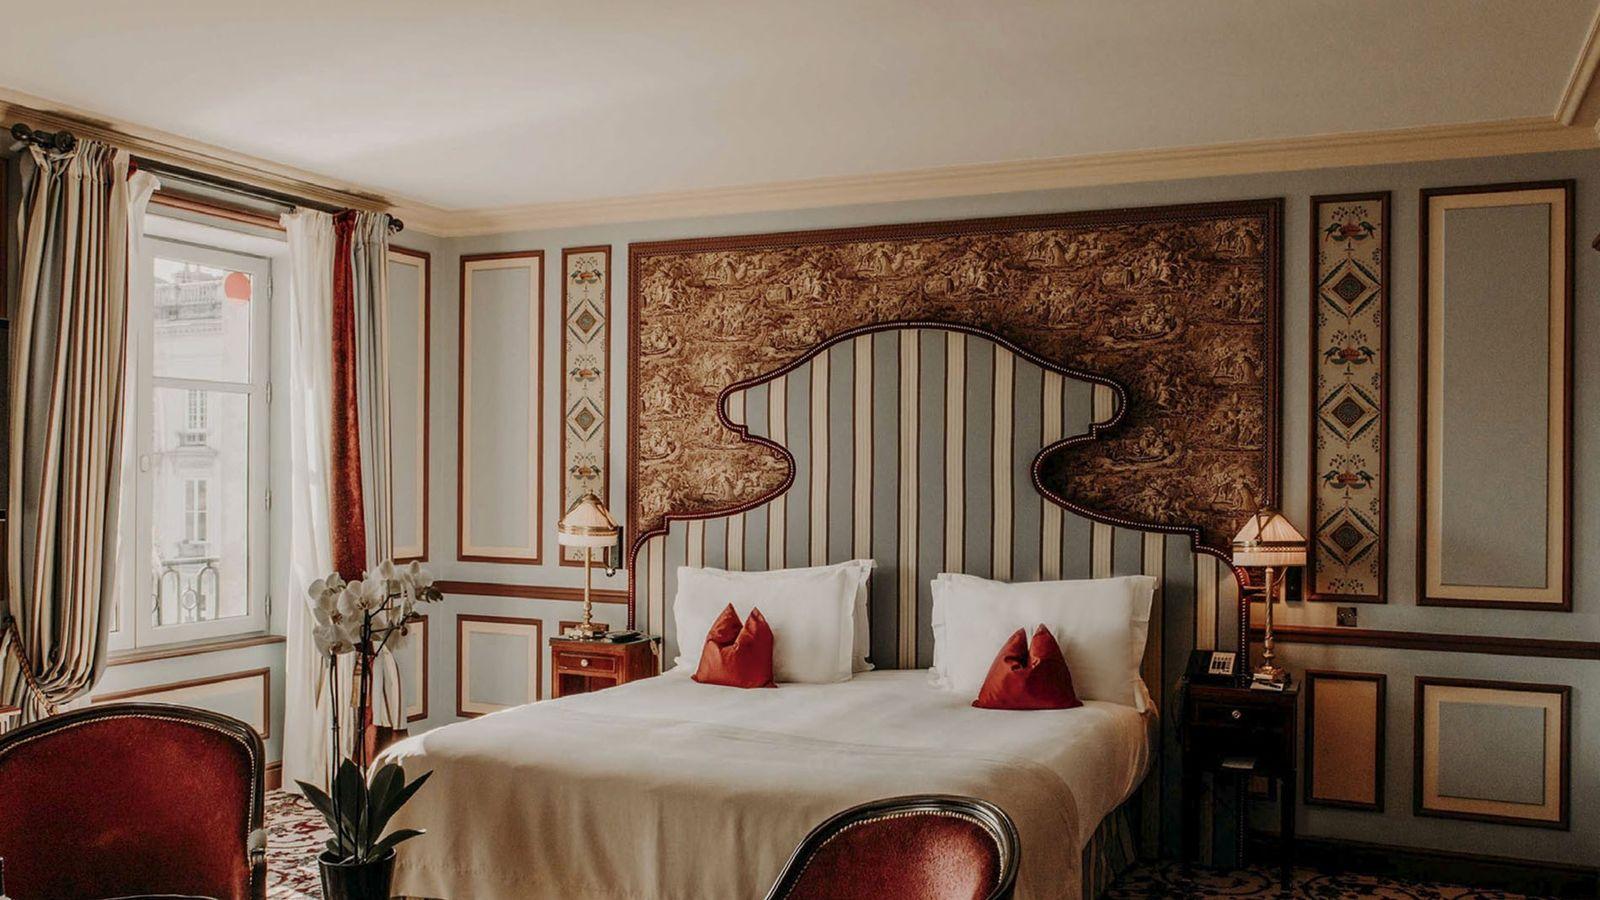 InterContinental Bordeaux — Le Grand Hôtel